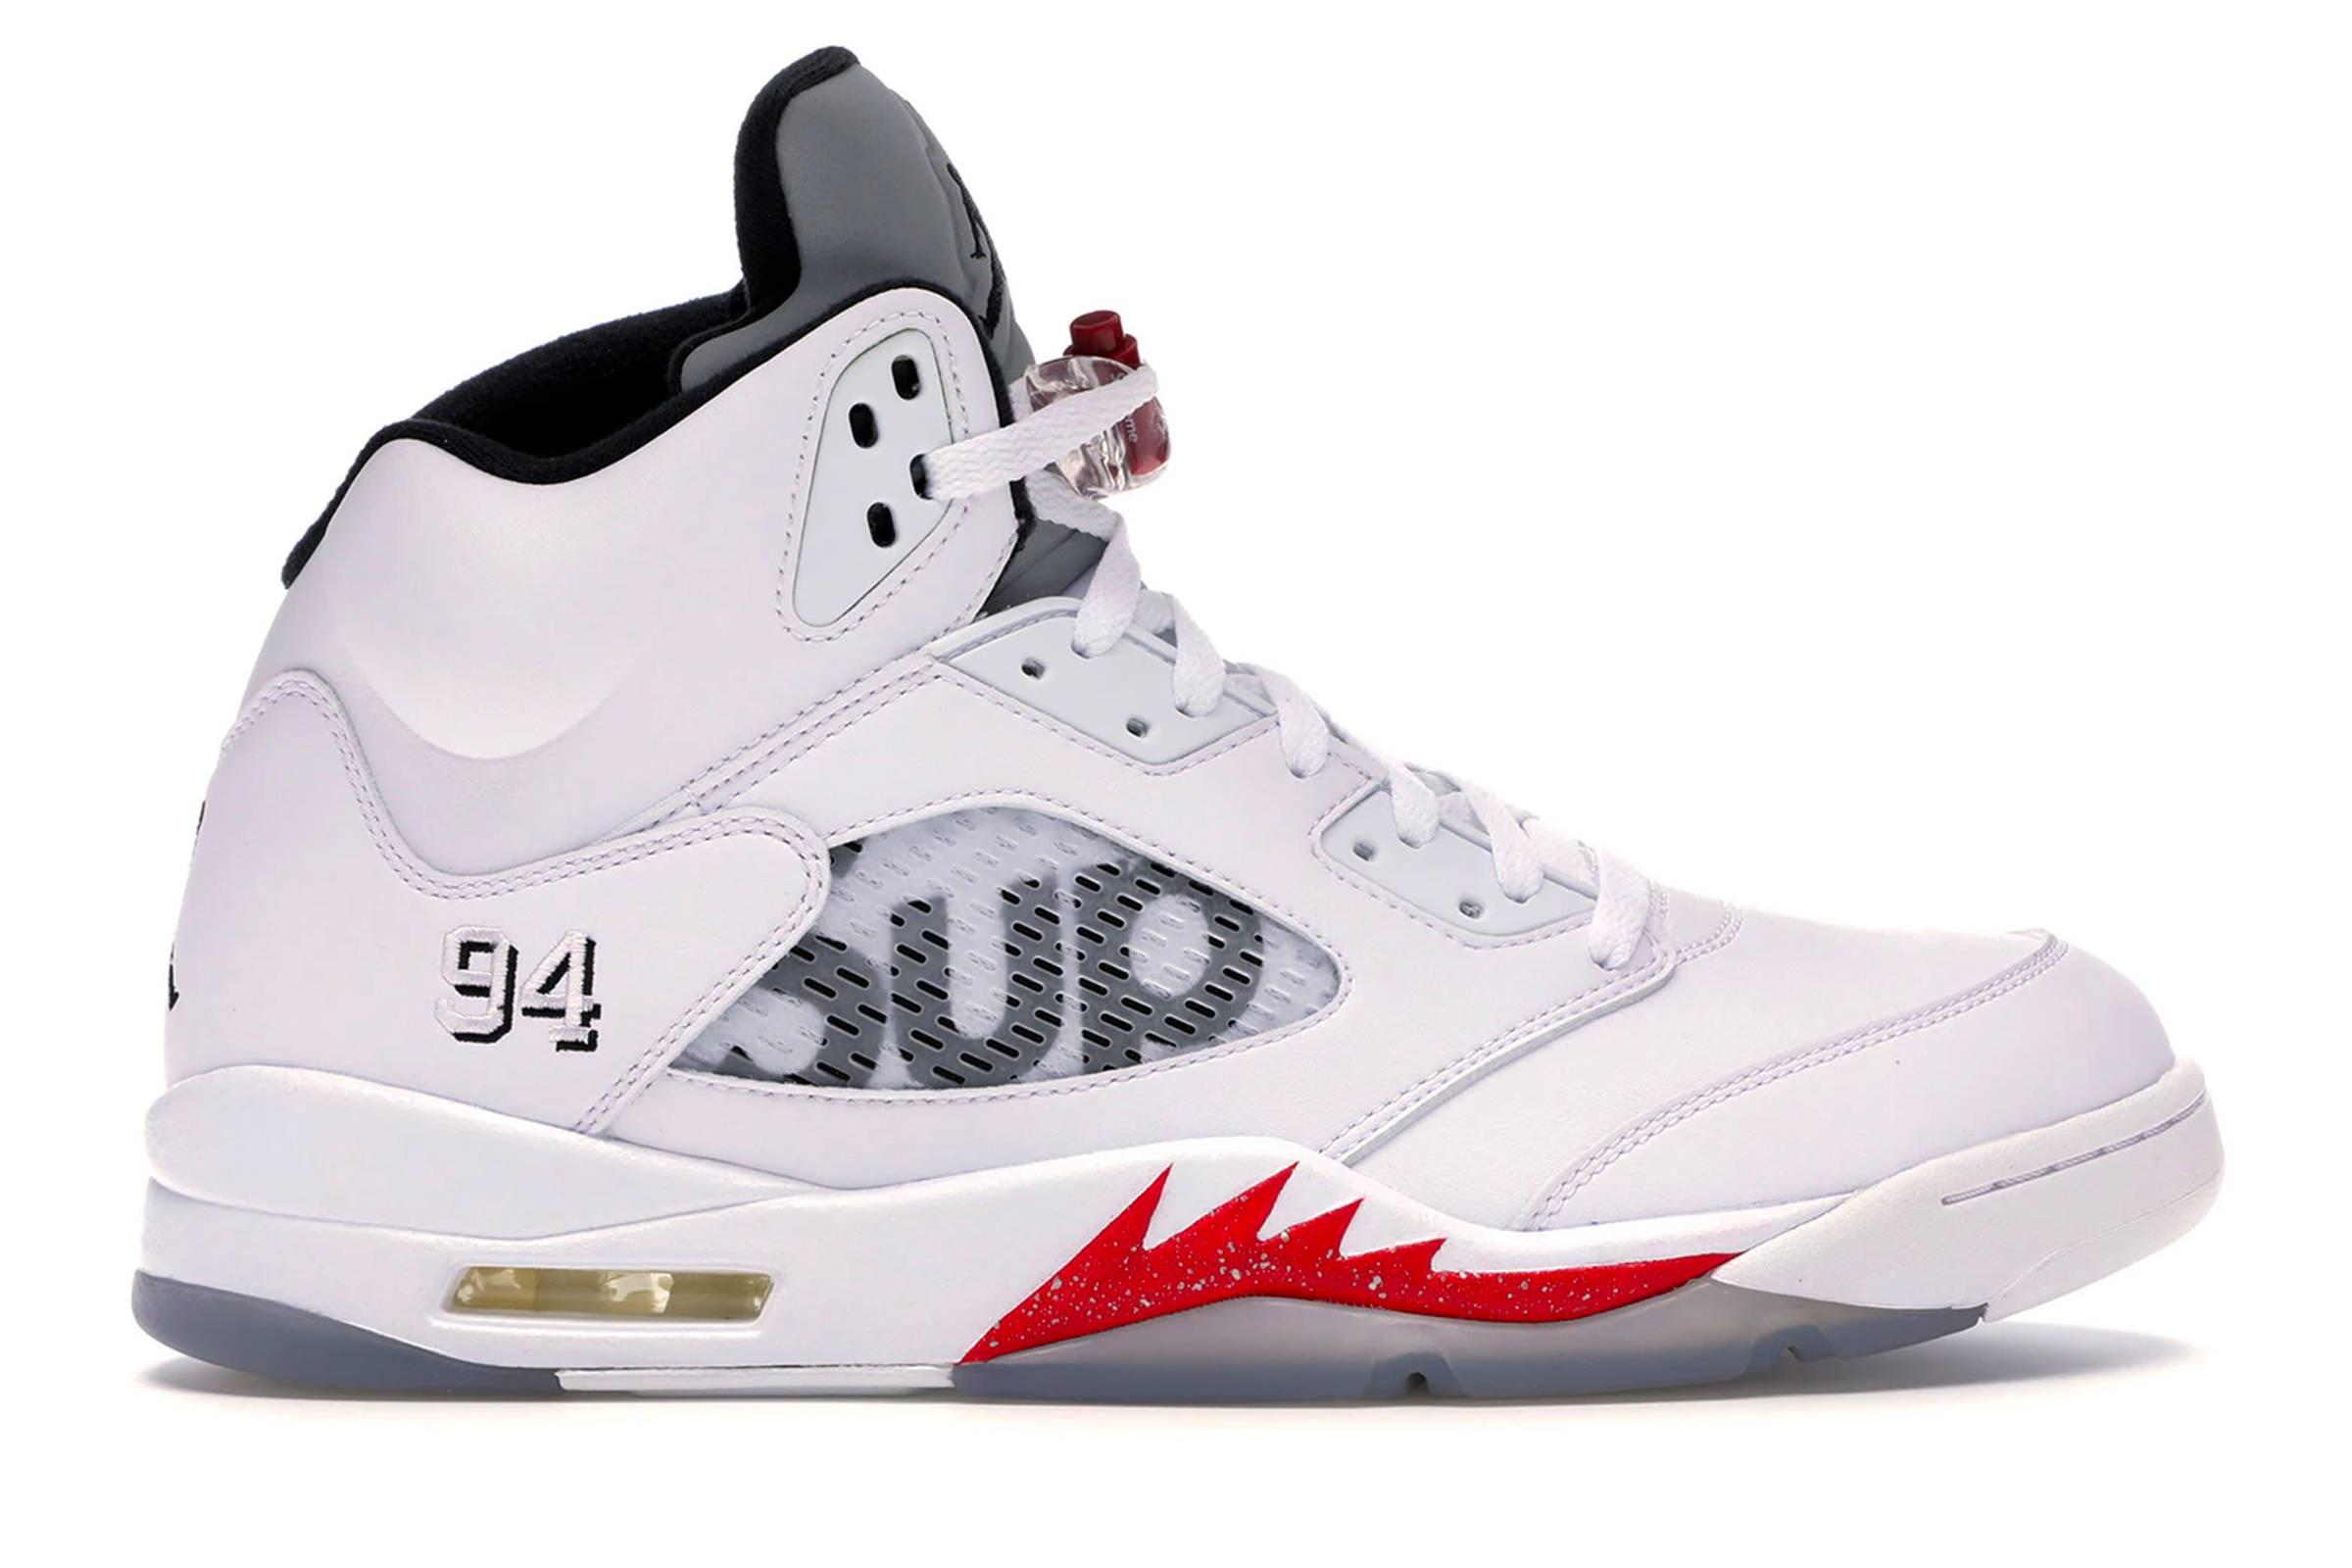 10. Supreme x Jordan V (2015)